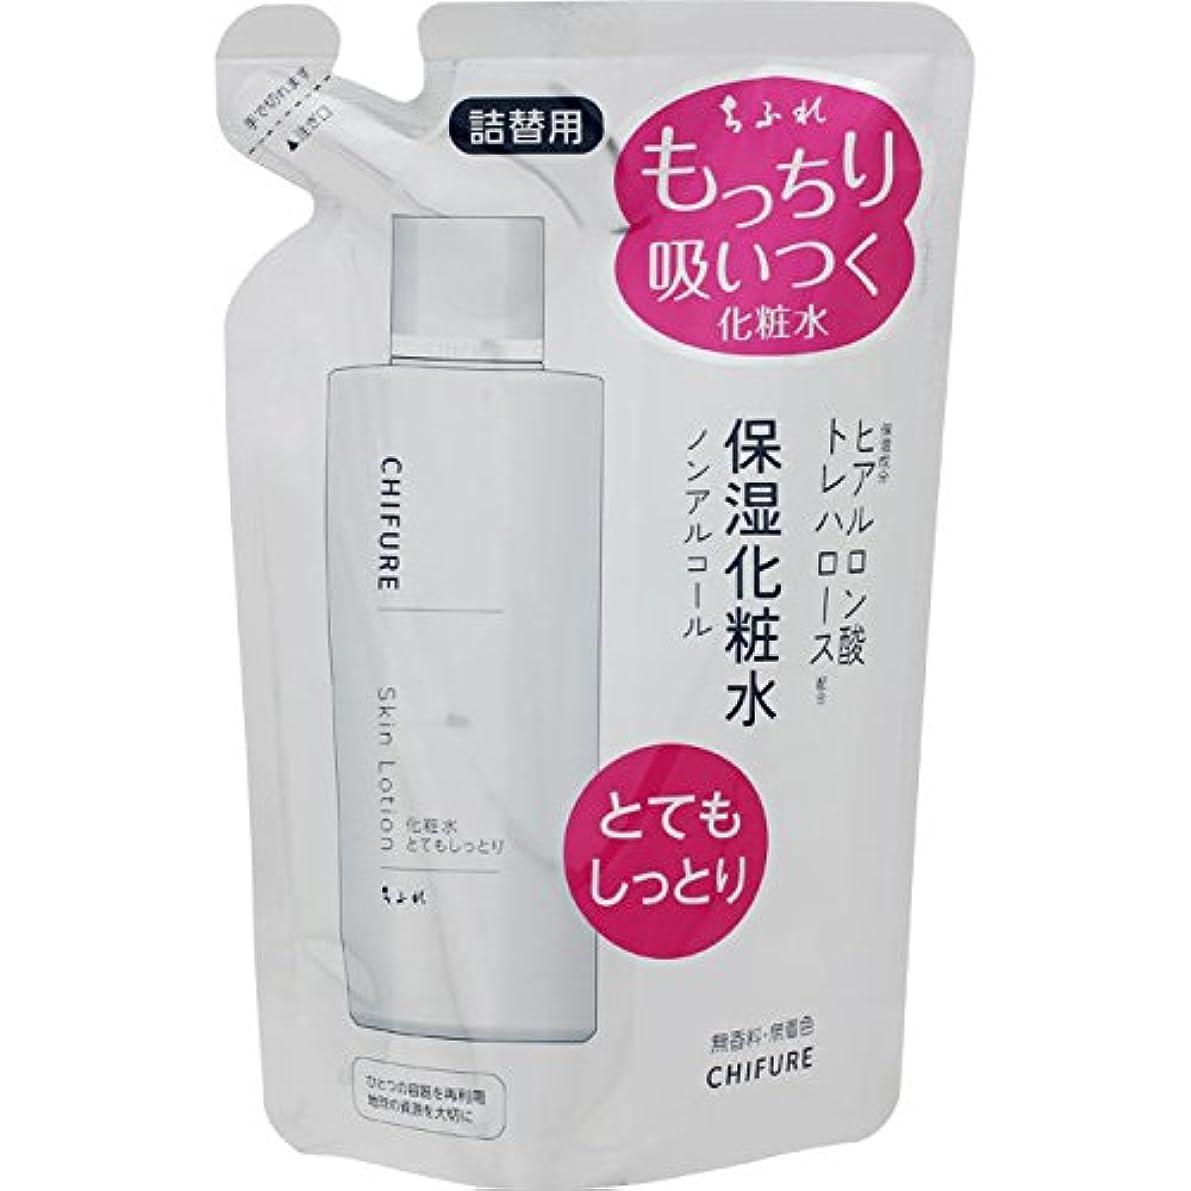 ダッシュ証明書クマノミちふれ化粧品 化粧水 とてもしっとりタイプ 詰替用 150ML